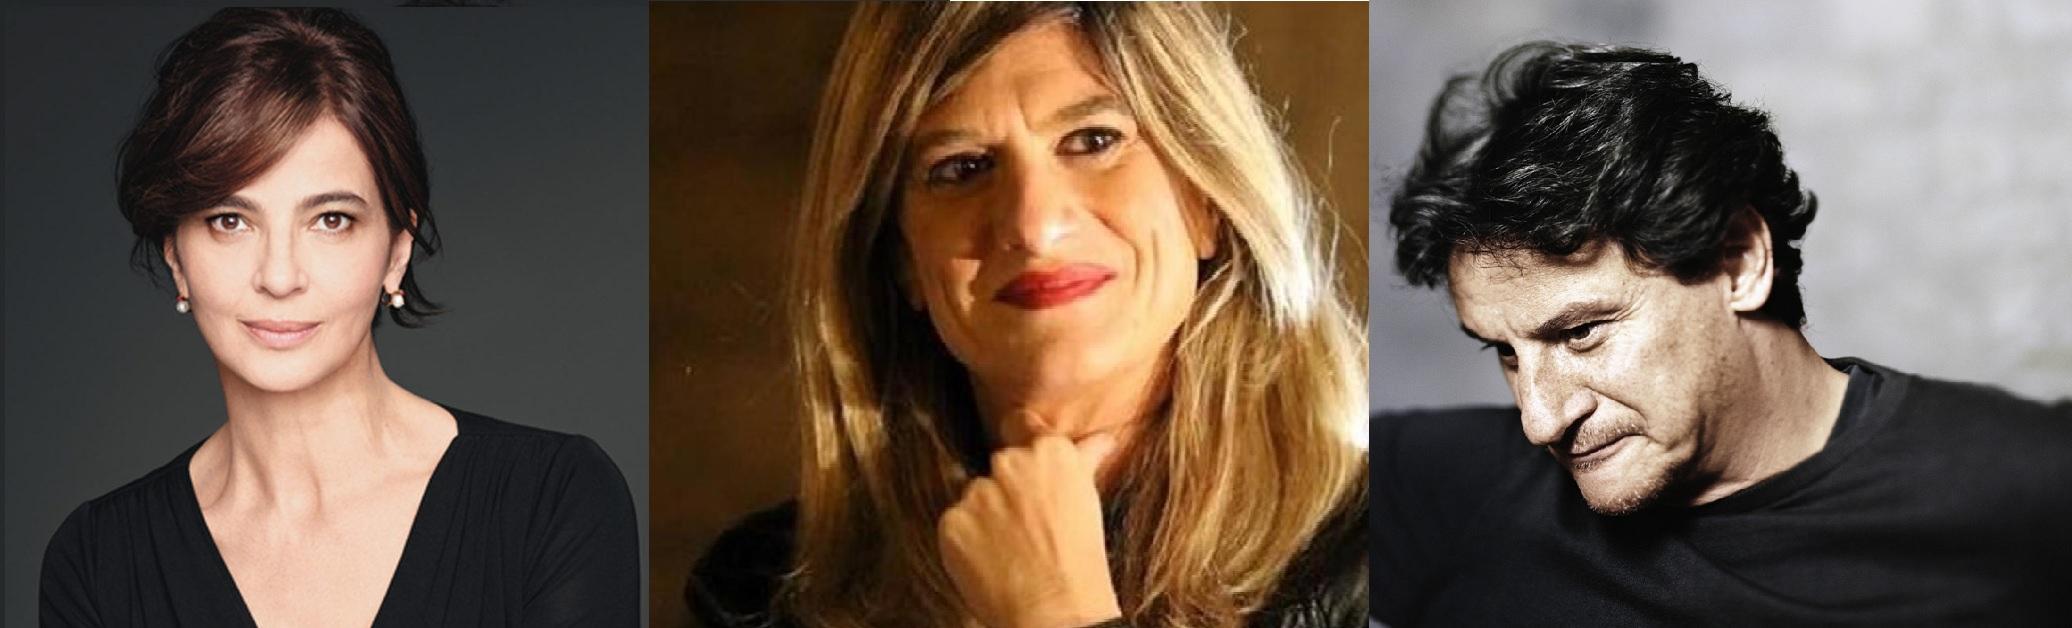 Laura Morante, Federica Angeli, Giorgio Tirabasi, sono solo alcuni degli ospiti di Liberi sulla Carta 2018